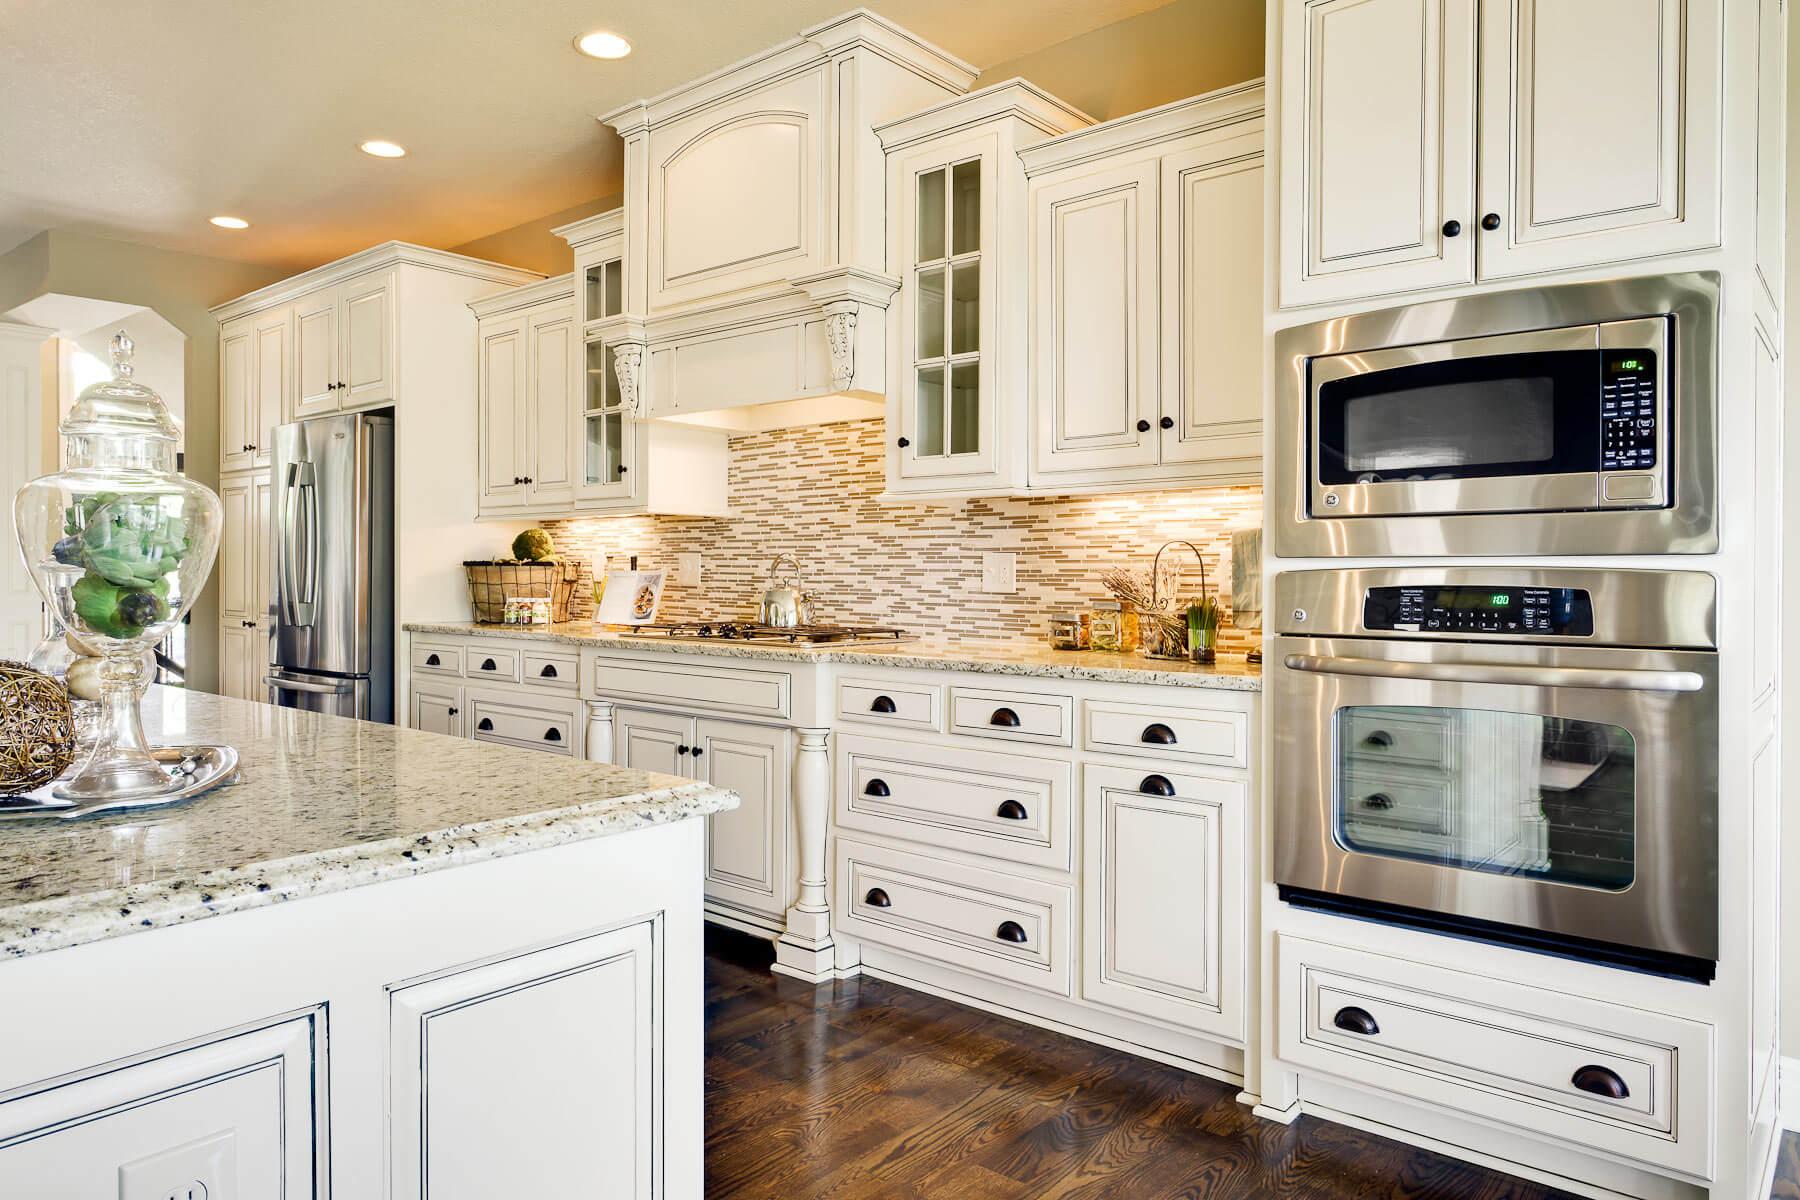 Classy Kitchen Design photo - 5